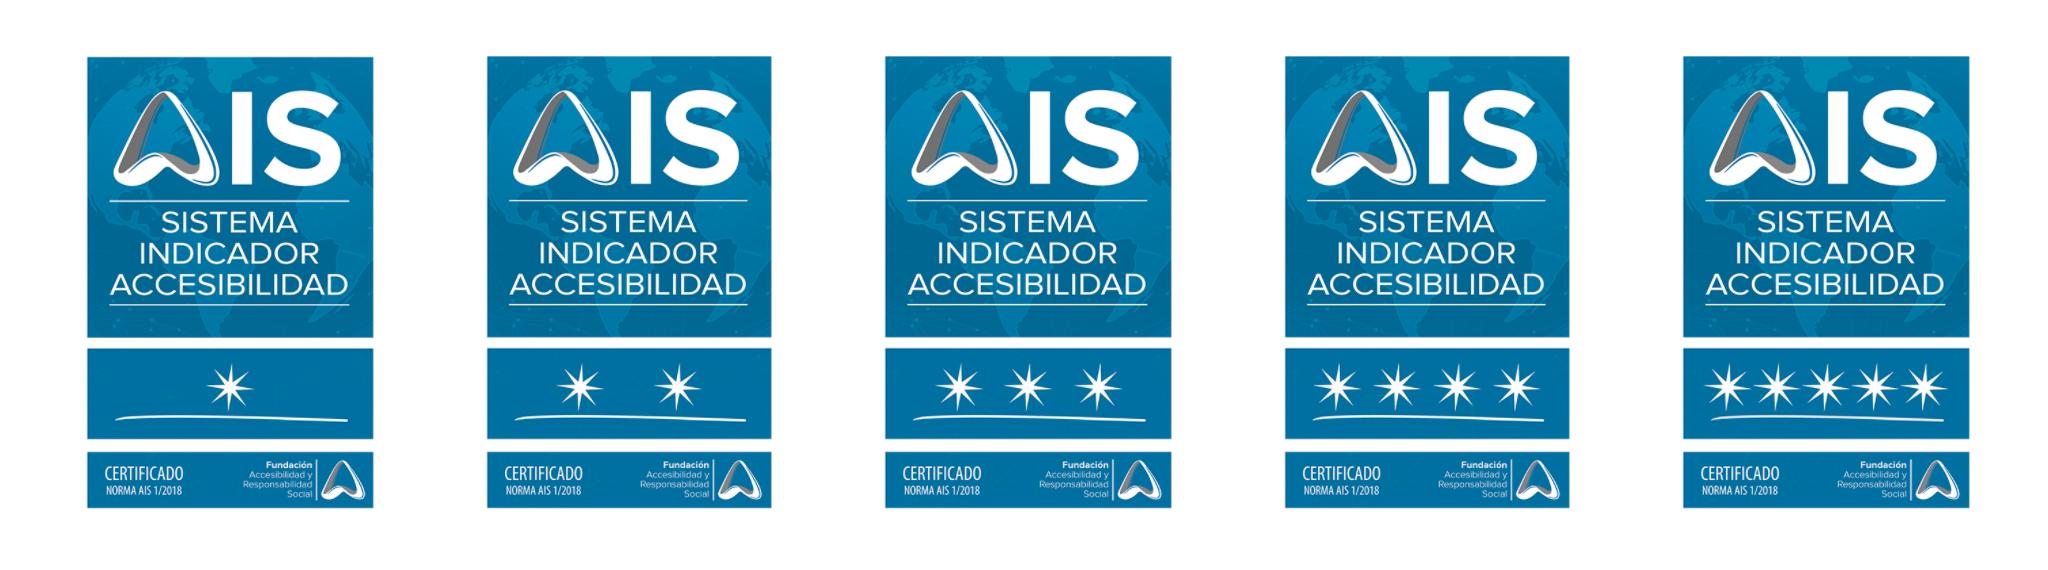 Sistema AIS 5 estrellas